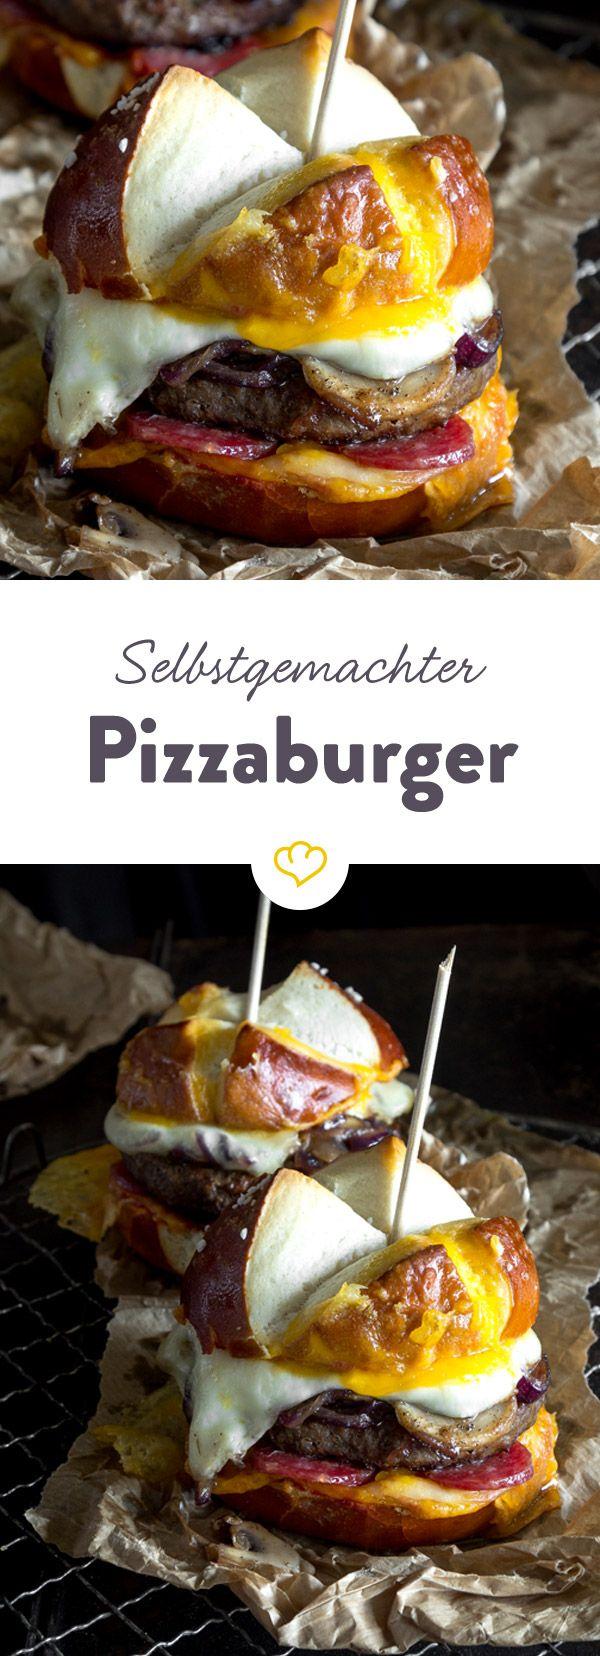 Außen fluffiges Laugenbrötchen, innen erst käsige Salamipizza dann saftiges Burger-Pattie mit karamellisierten Zwiebeln und Champignons.